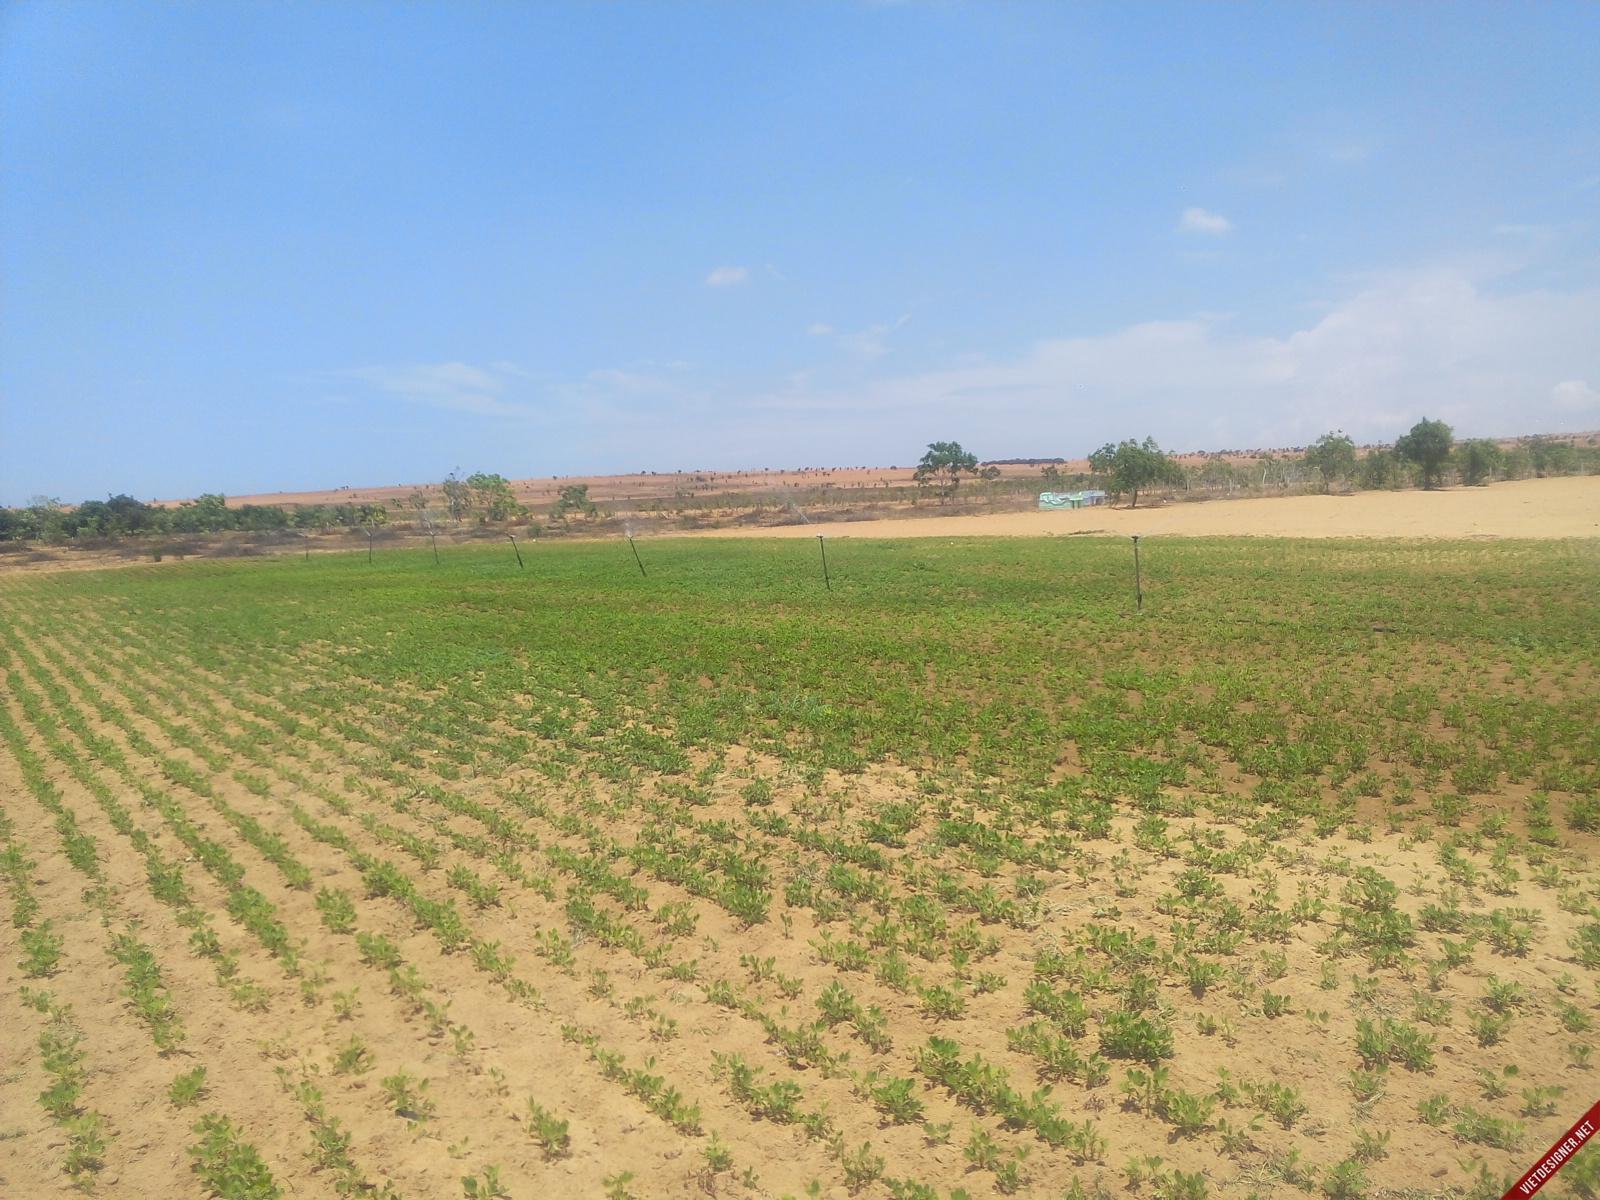 Tư vấn về tranh chấp chuyển quyền sử dụng đất nông nghiệp